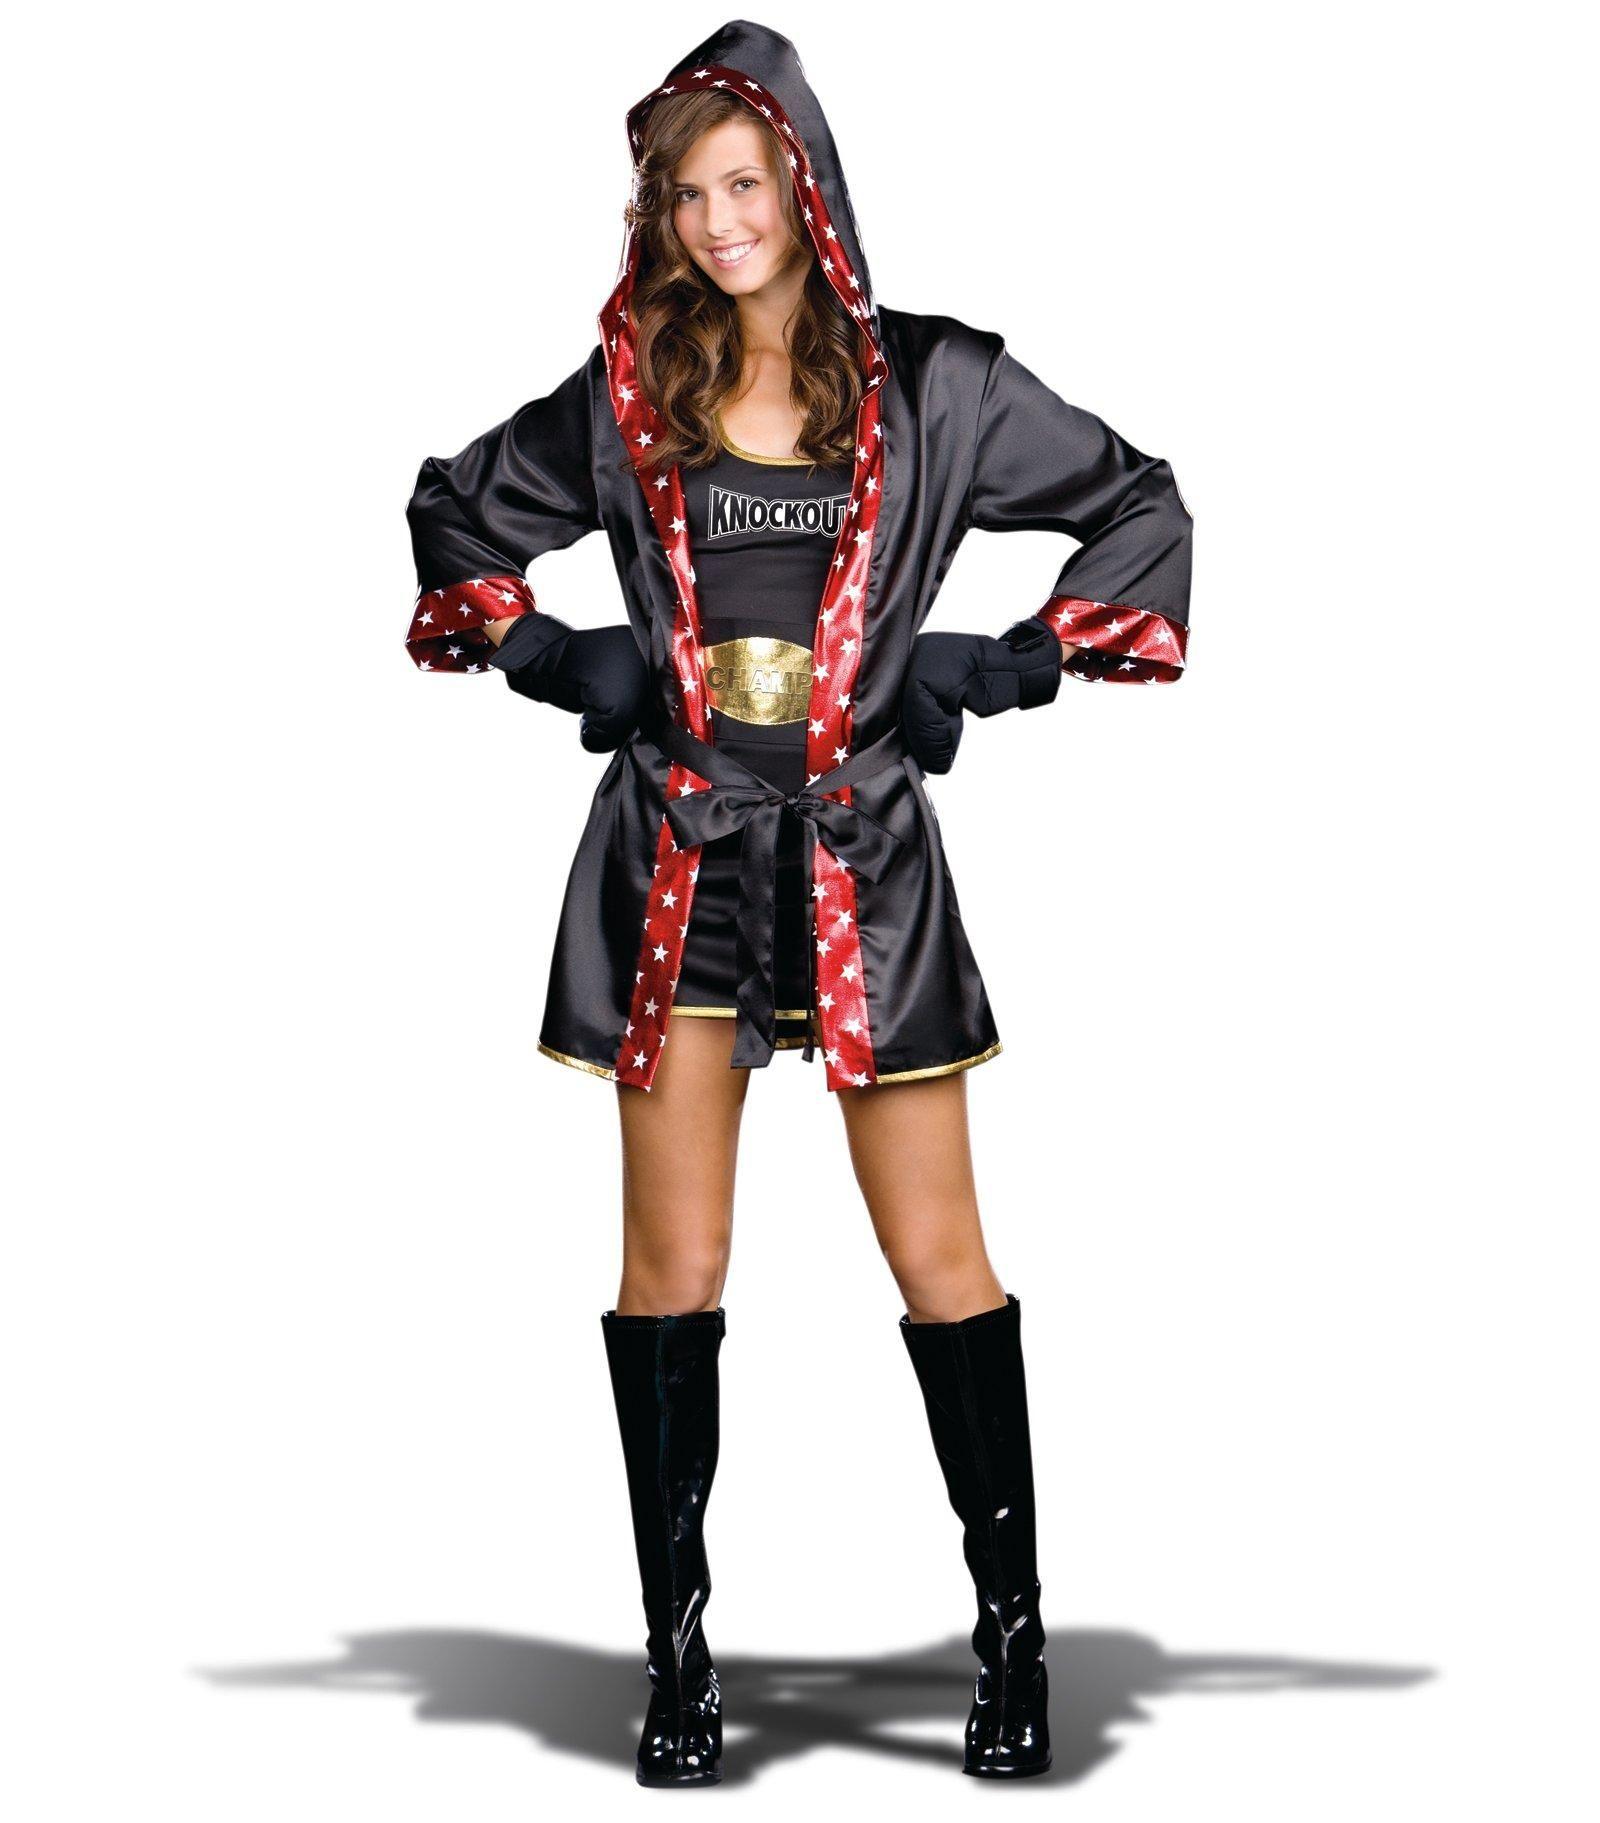 Anime Halloween Teen Girl Costumes Tko Costume